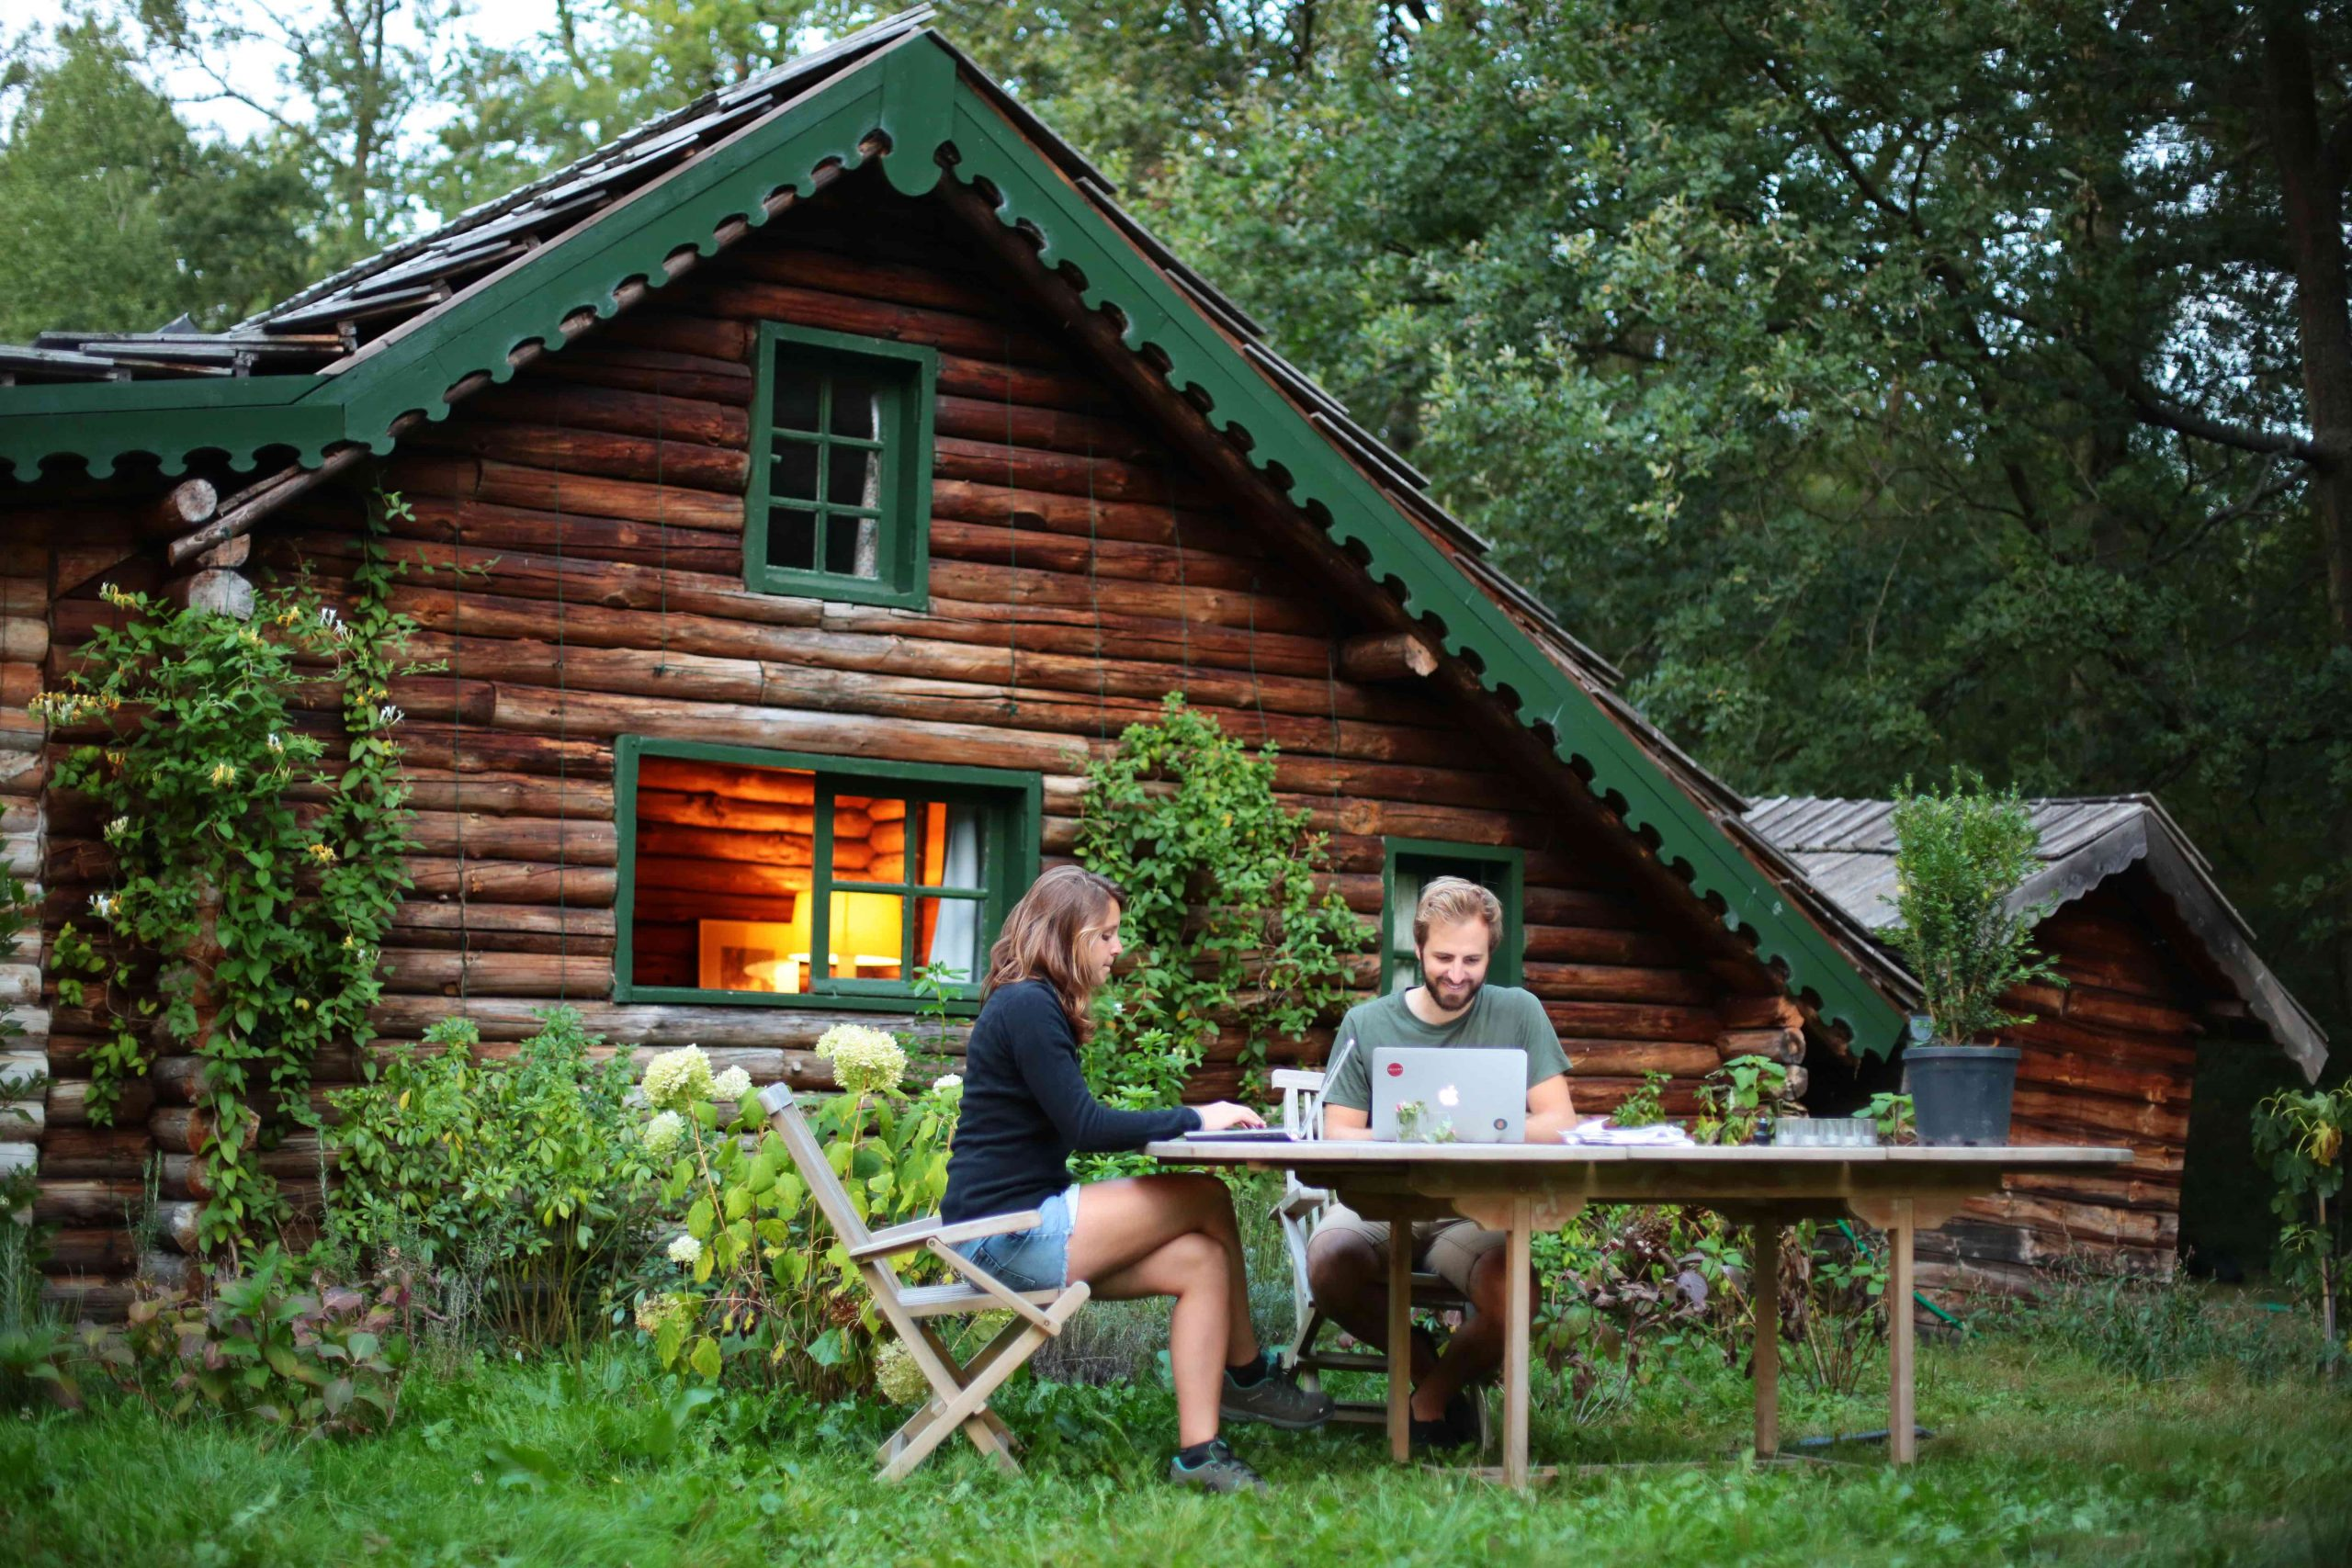 Un couple travaille dehors devant un gîte en bois